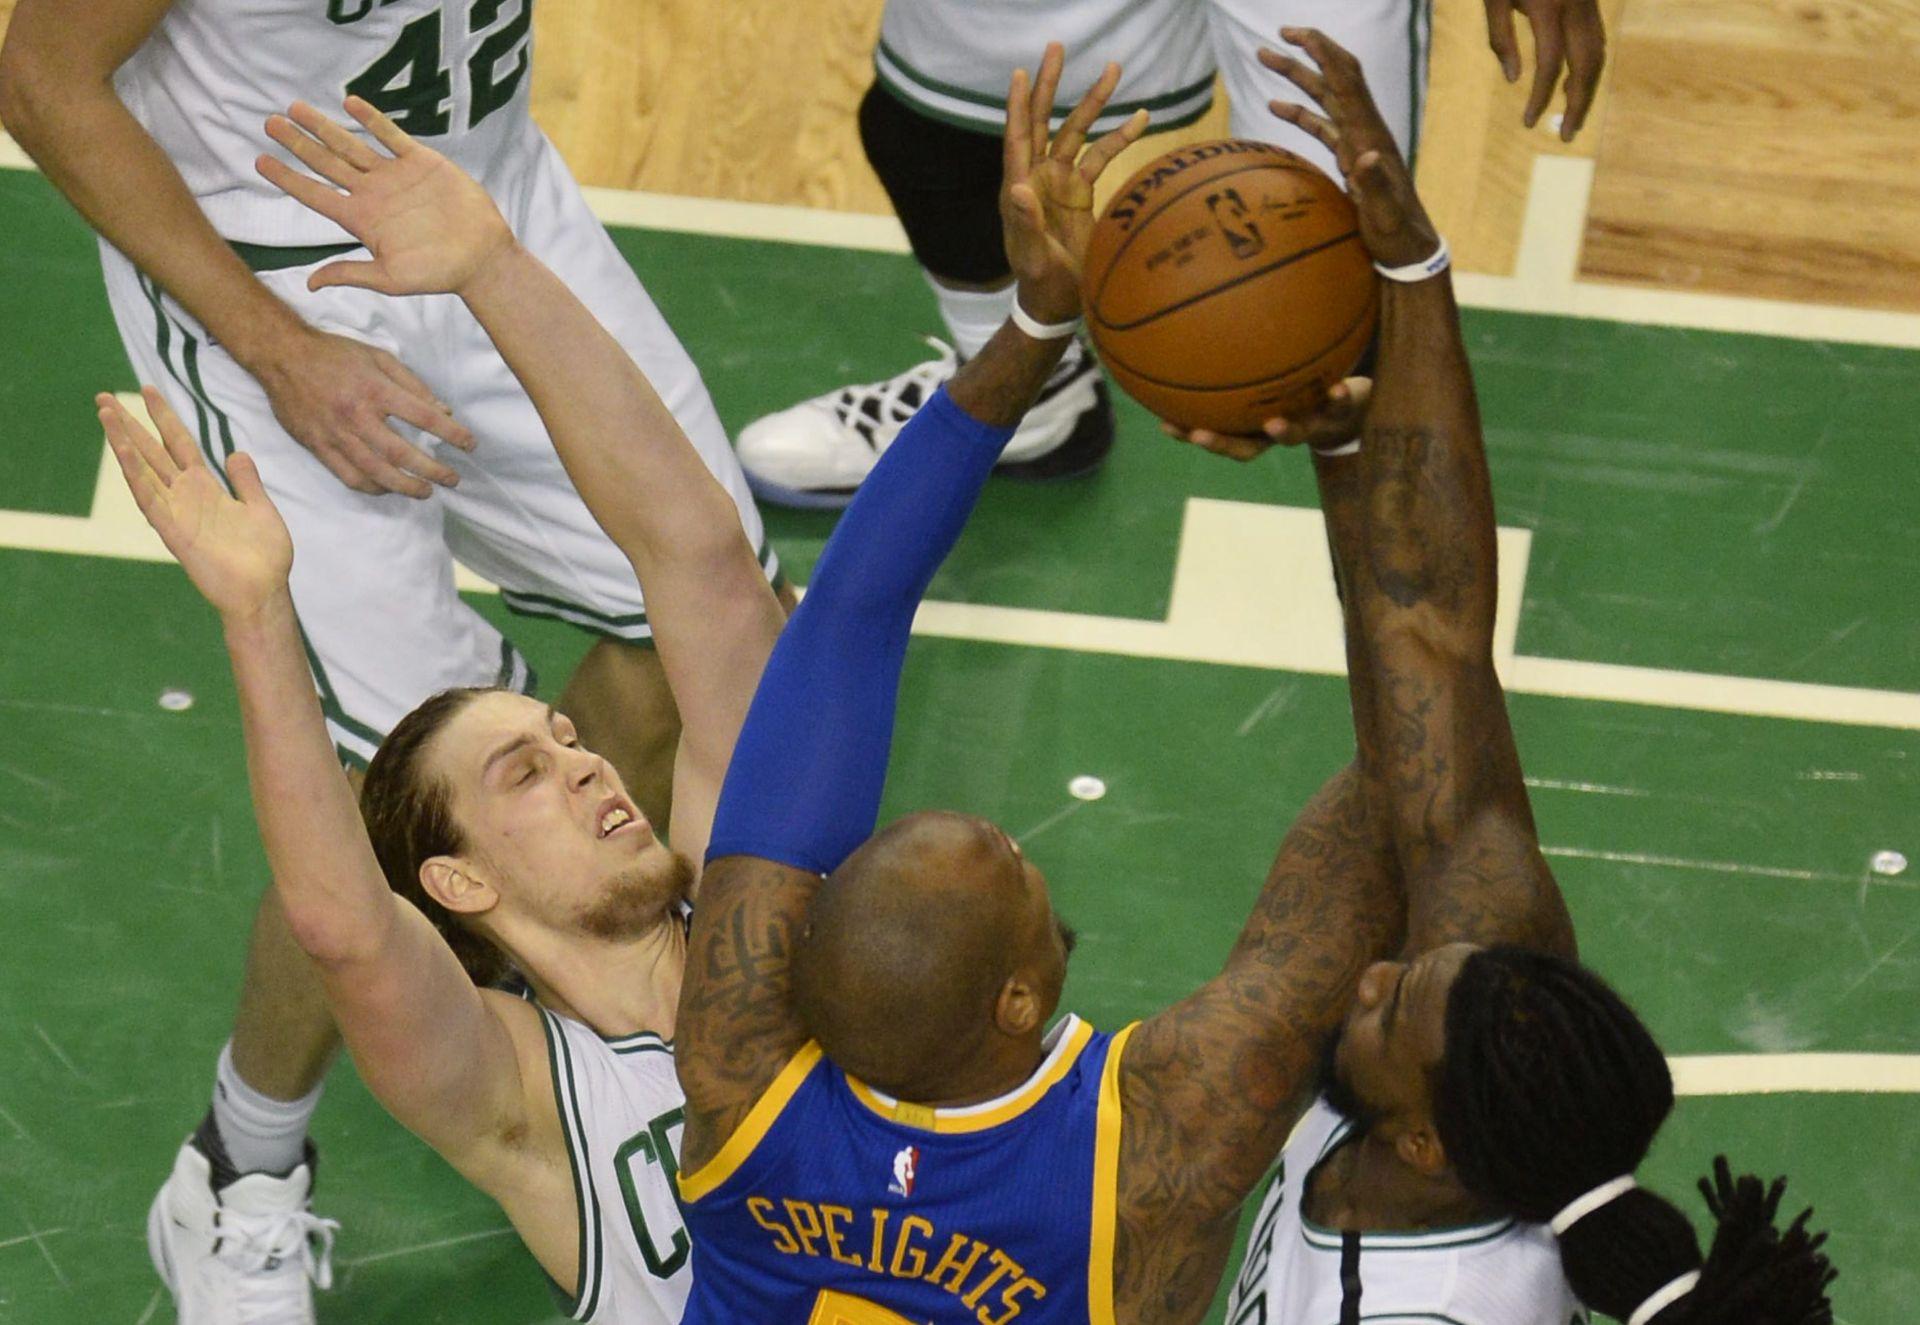 NBA: Warriorsima pobjeda nakon dva produžetka, 12 koševa Hezonje, pet koševa Rudeža